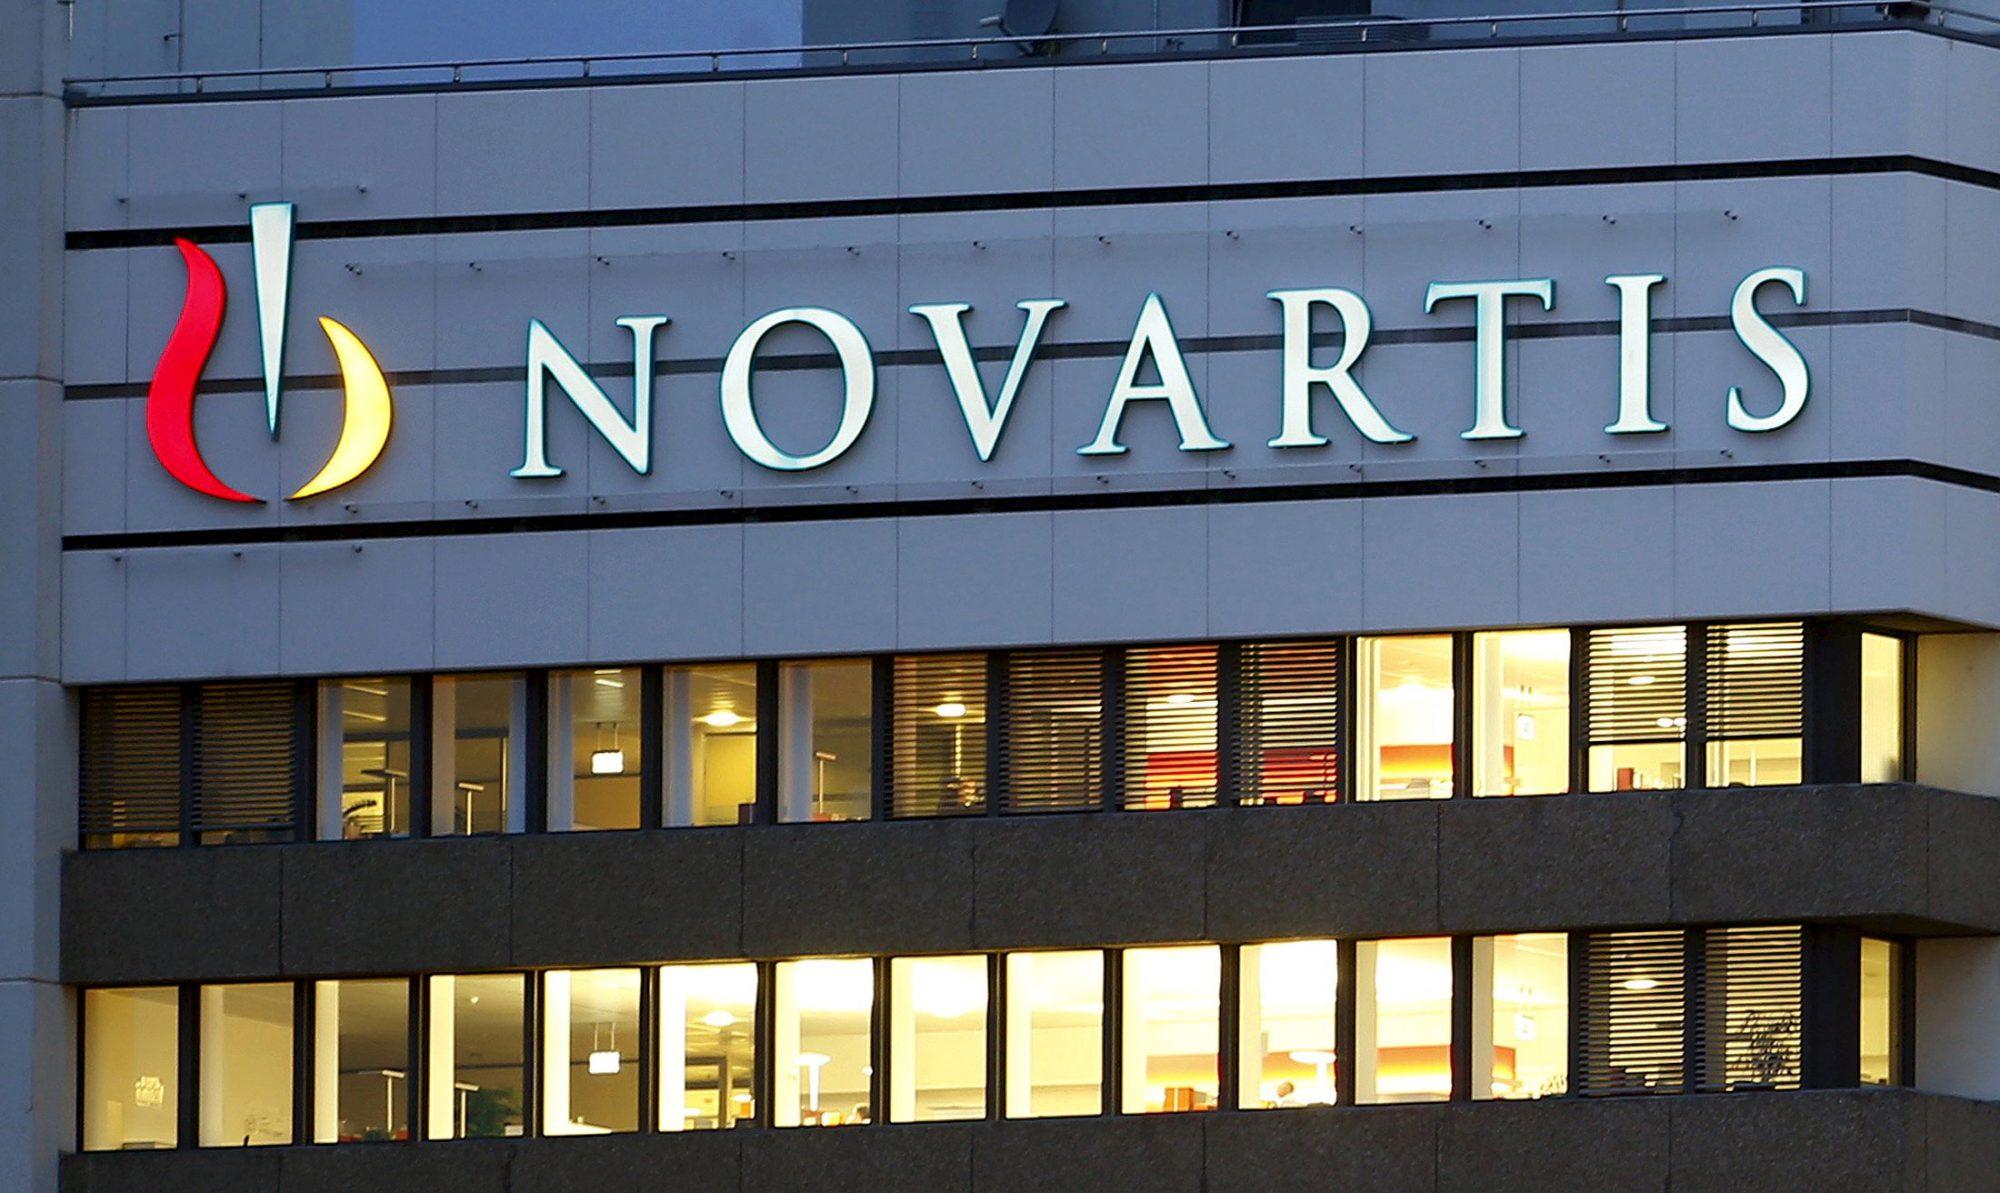 Kompletirana istraga o slučaju Novartis upućena u parlament; traži se da Loverdos svedoči